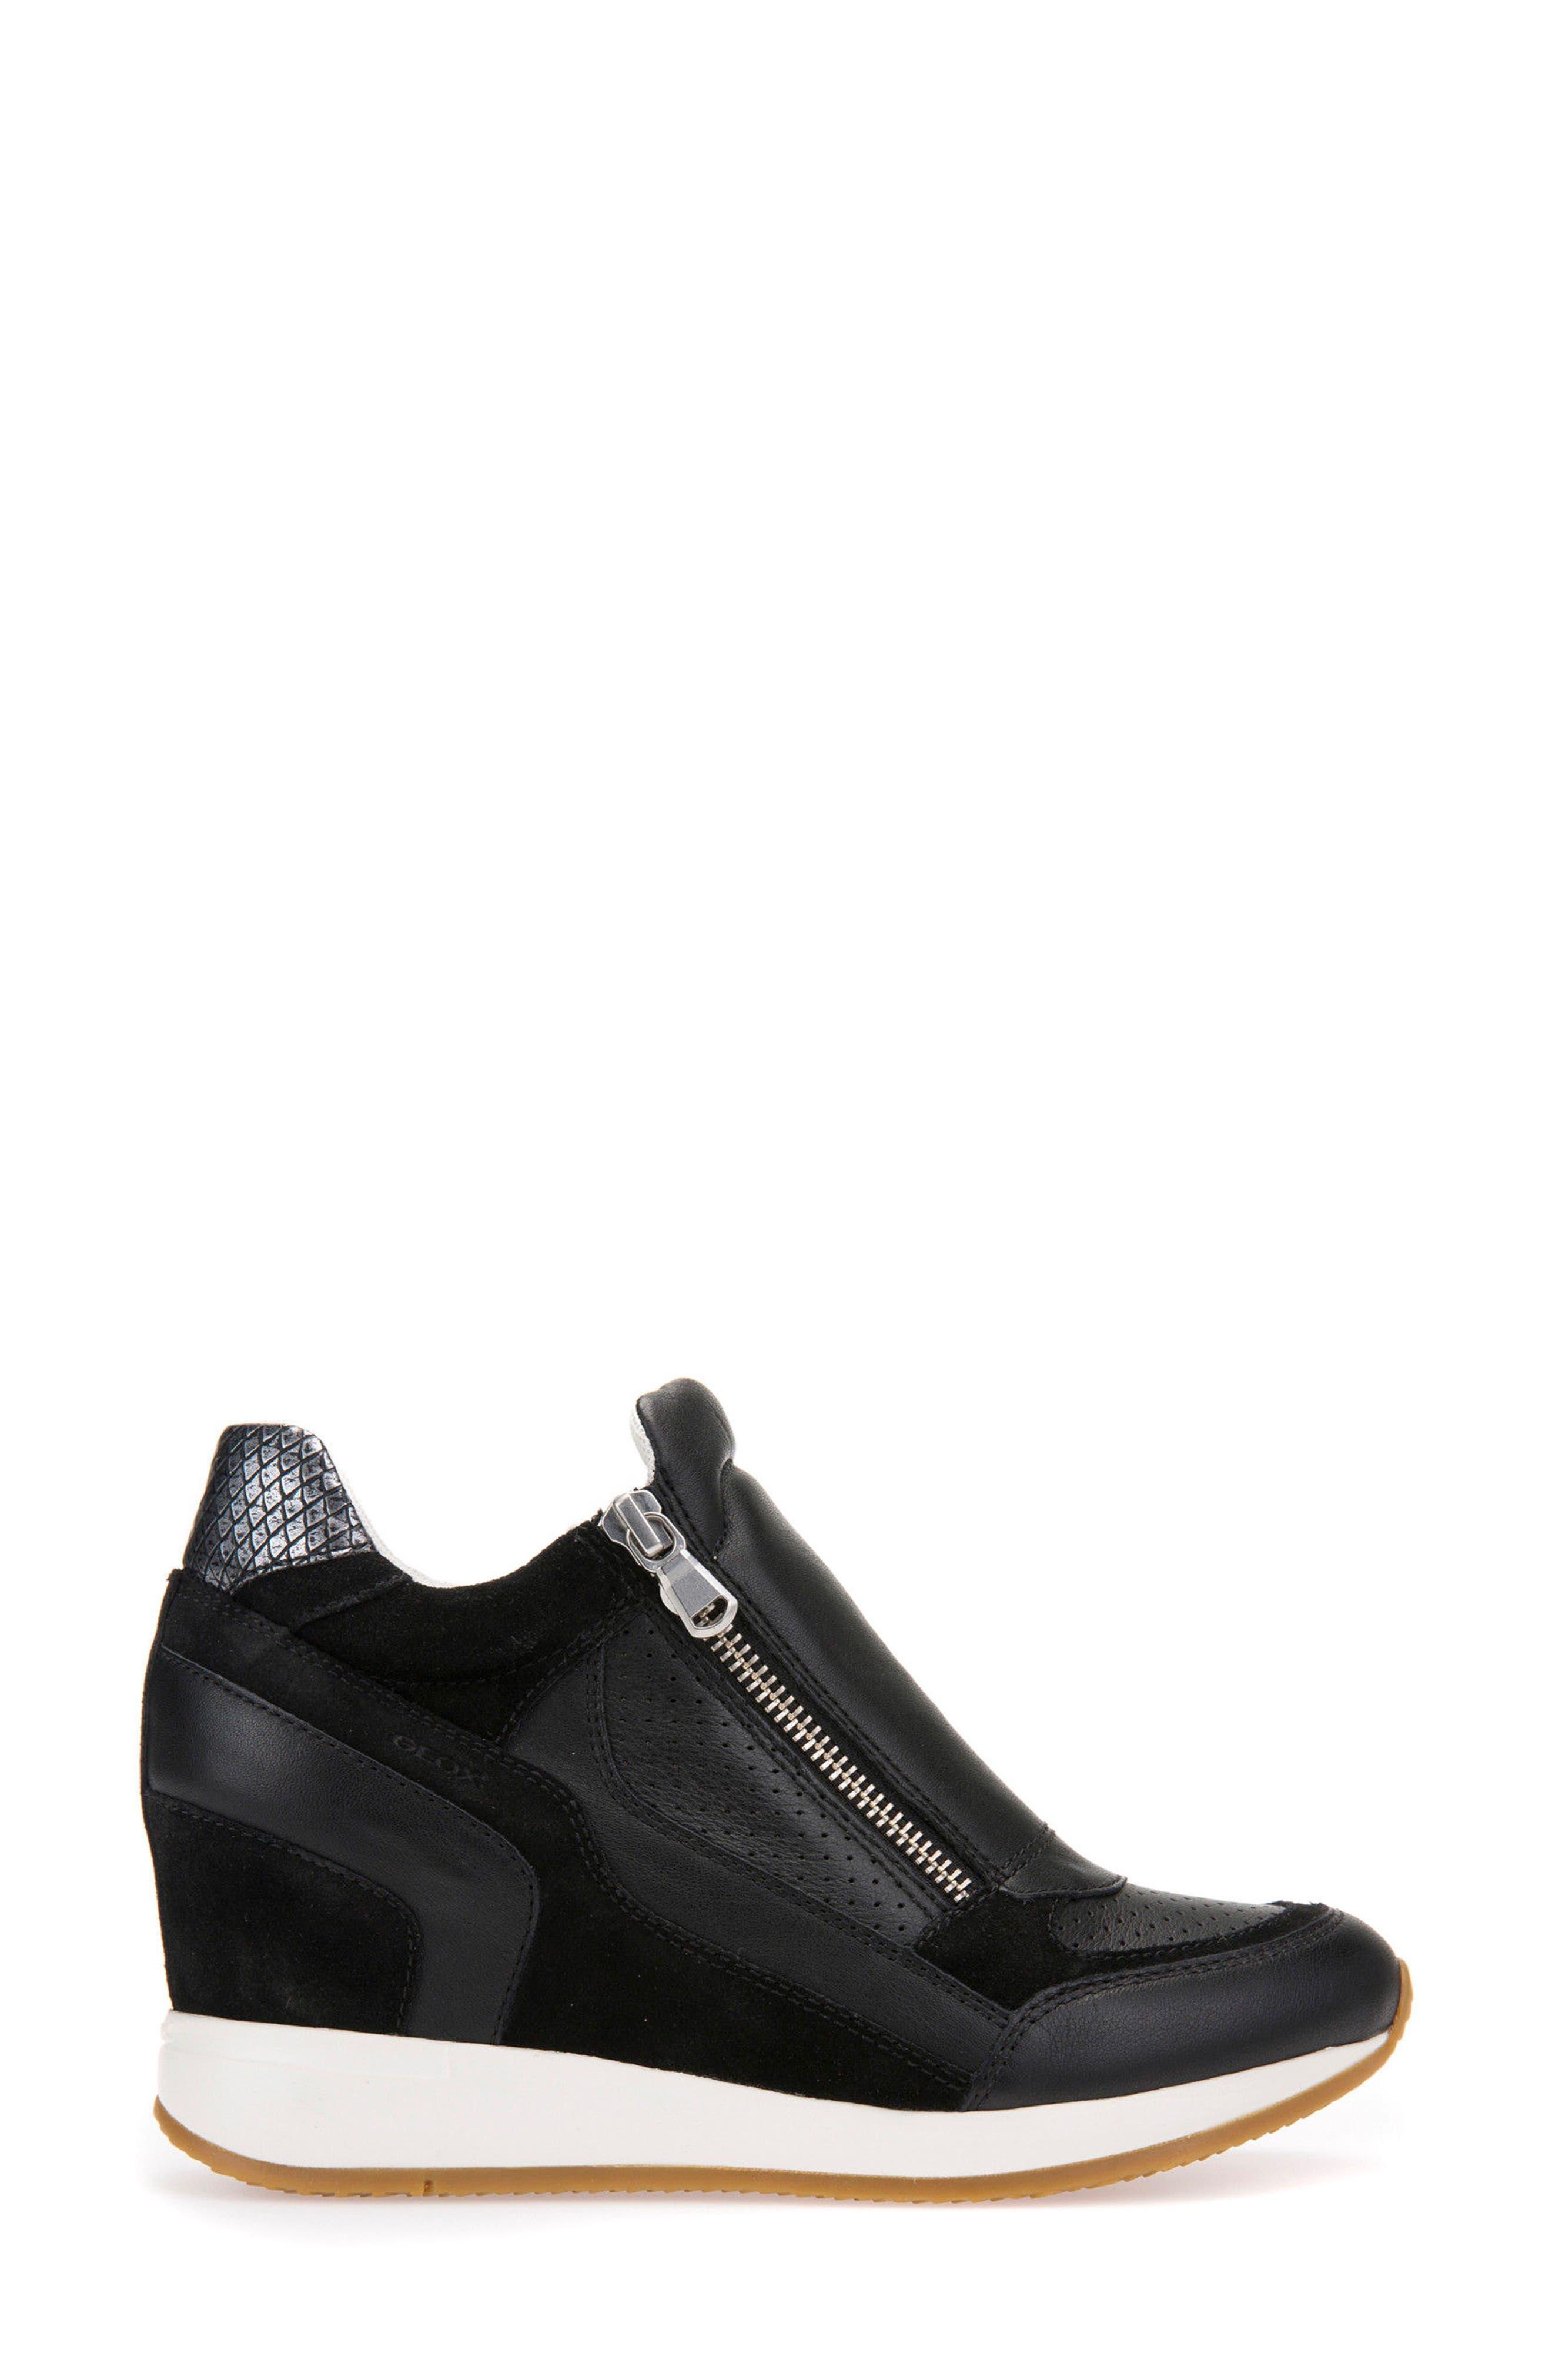 Alternate Image 3  - Geox Nydame Wedge Sneaker (Women)